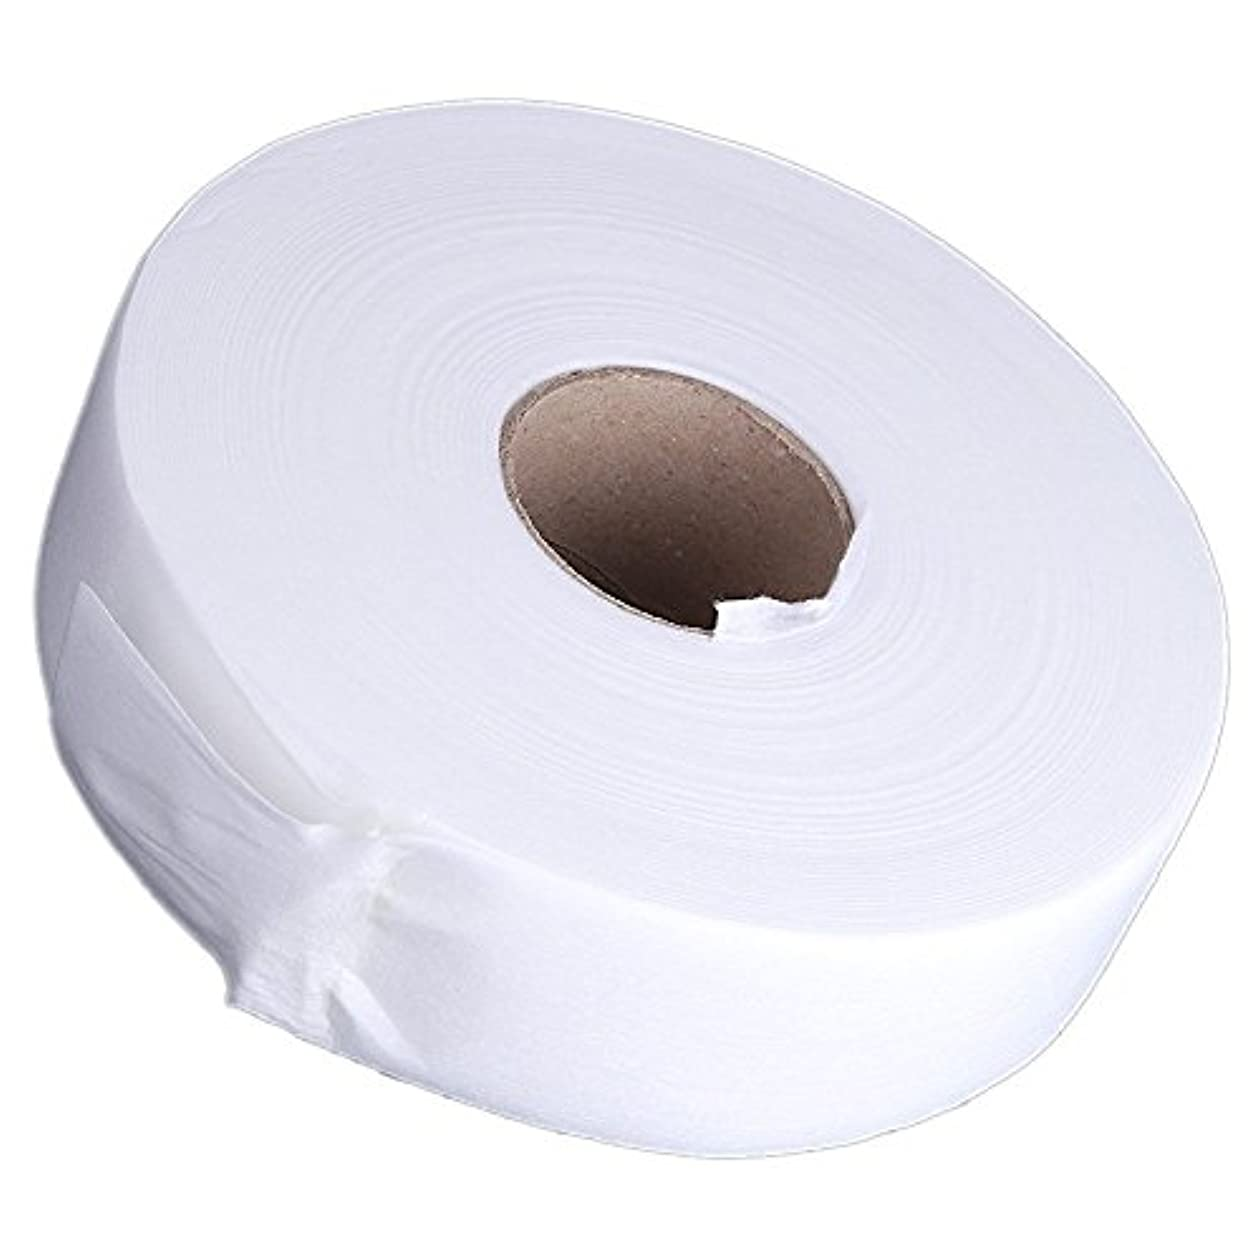 呼びかけるトイレ次ACAMPTAR 100ヤードの脱毛紙脱毛ワックスストリップ 不織布ペーパーワックスロール(白)